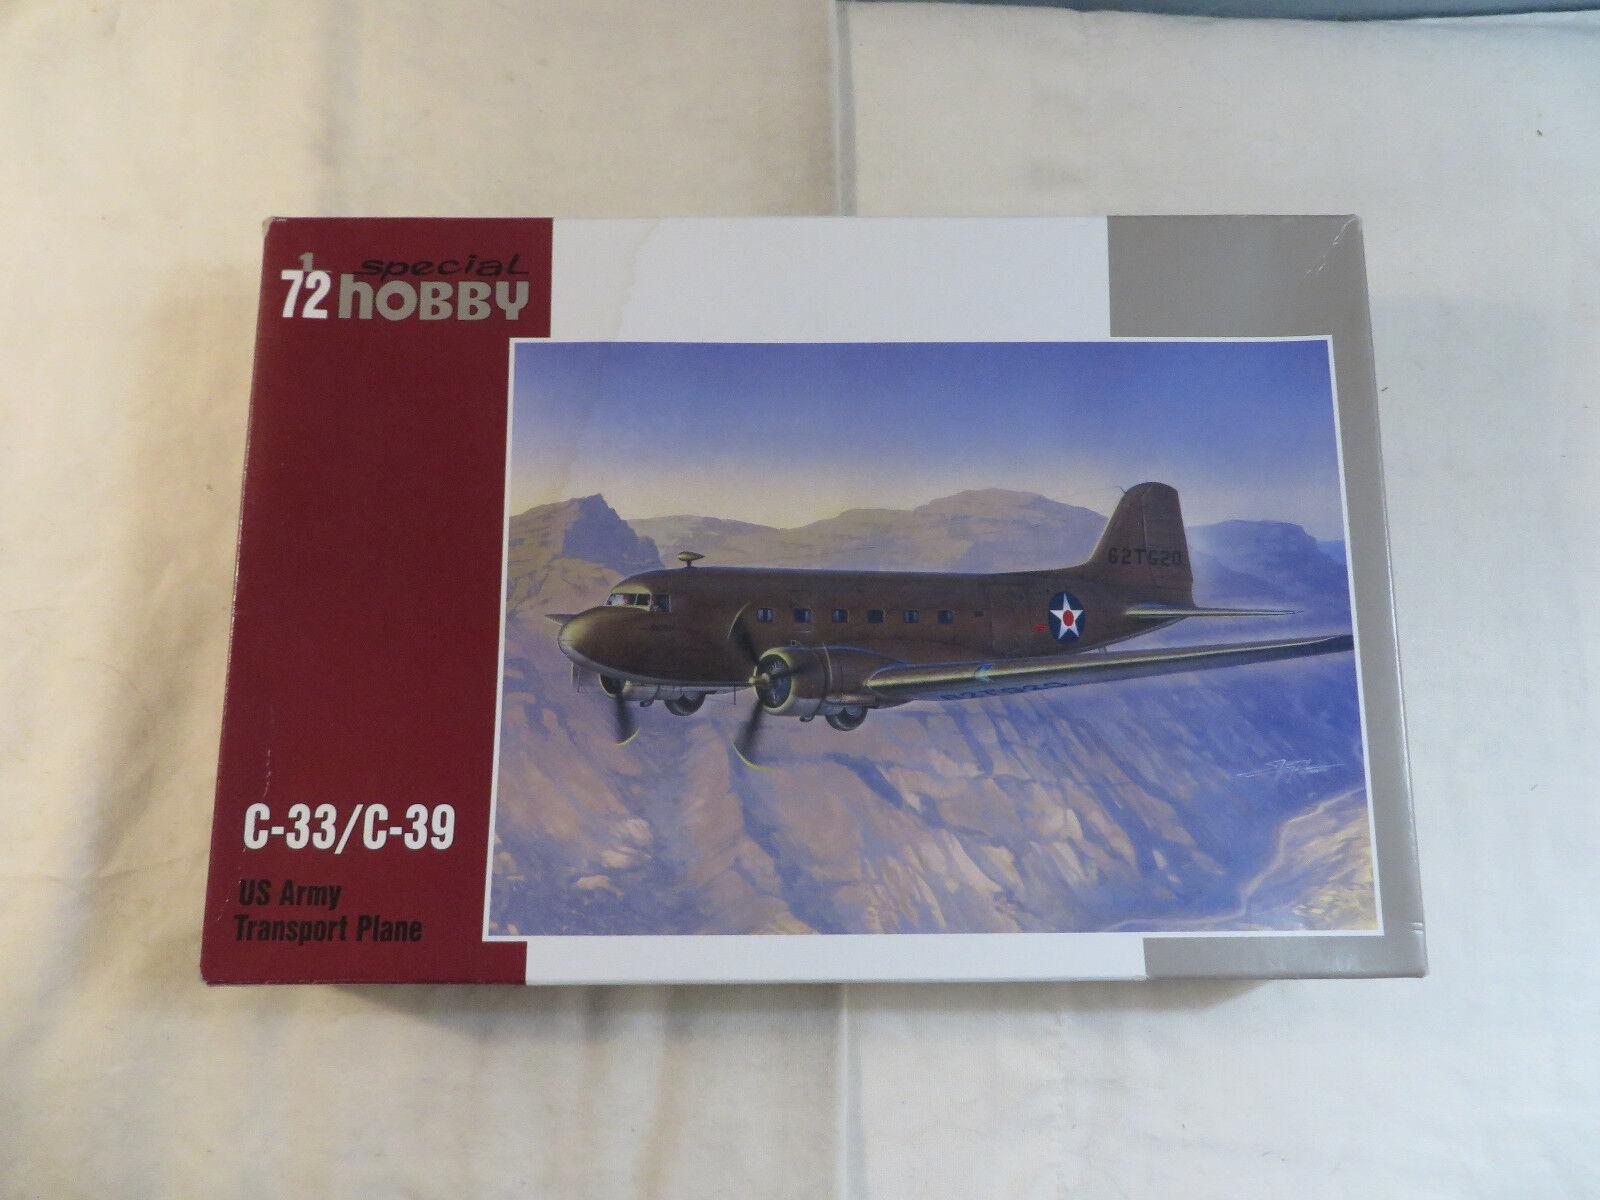 72 1 Hobby C-33 Special SH72176 Open Kit Model Plane